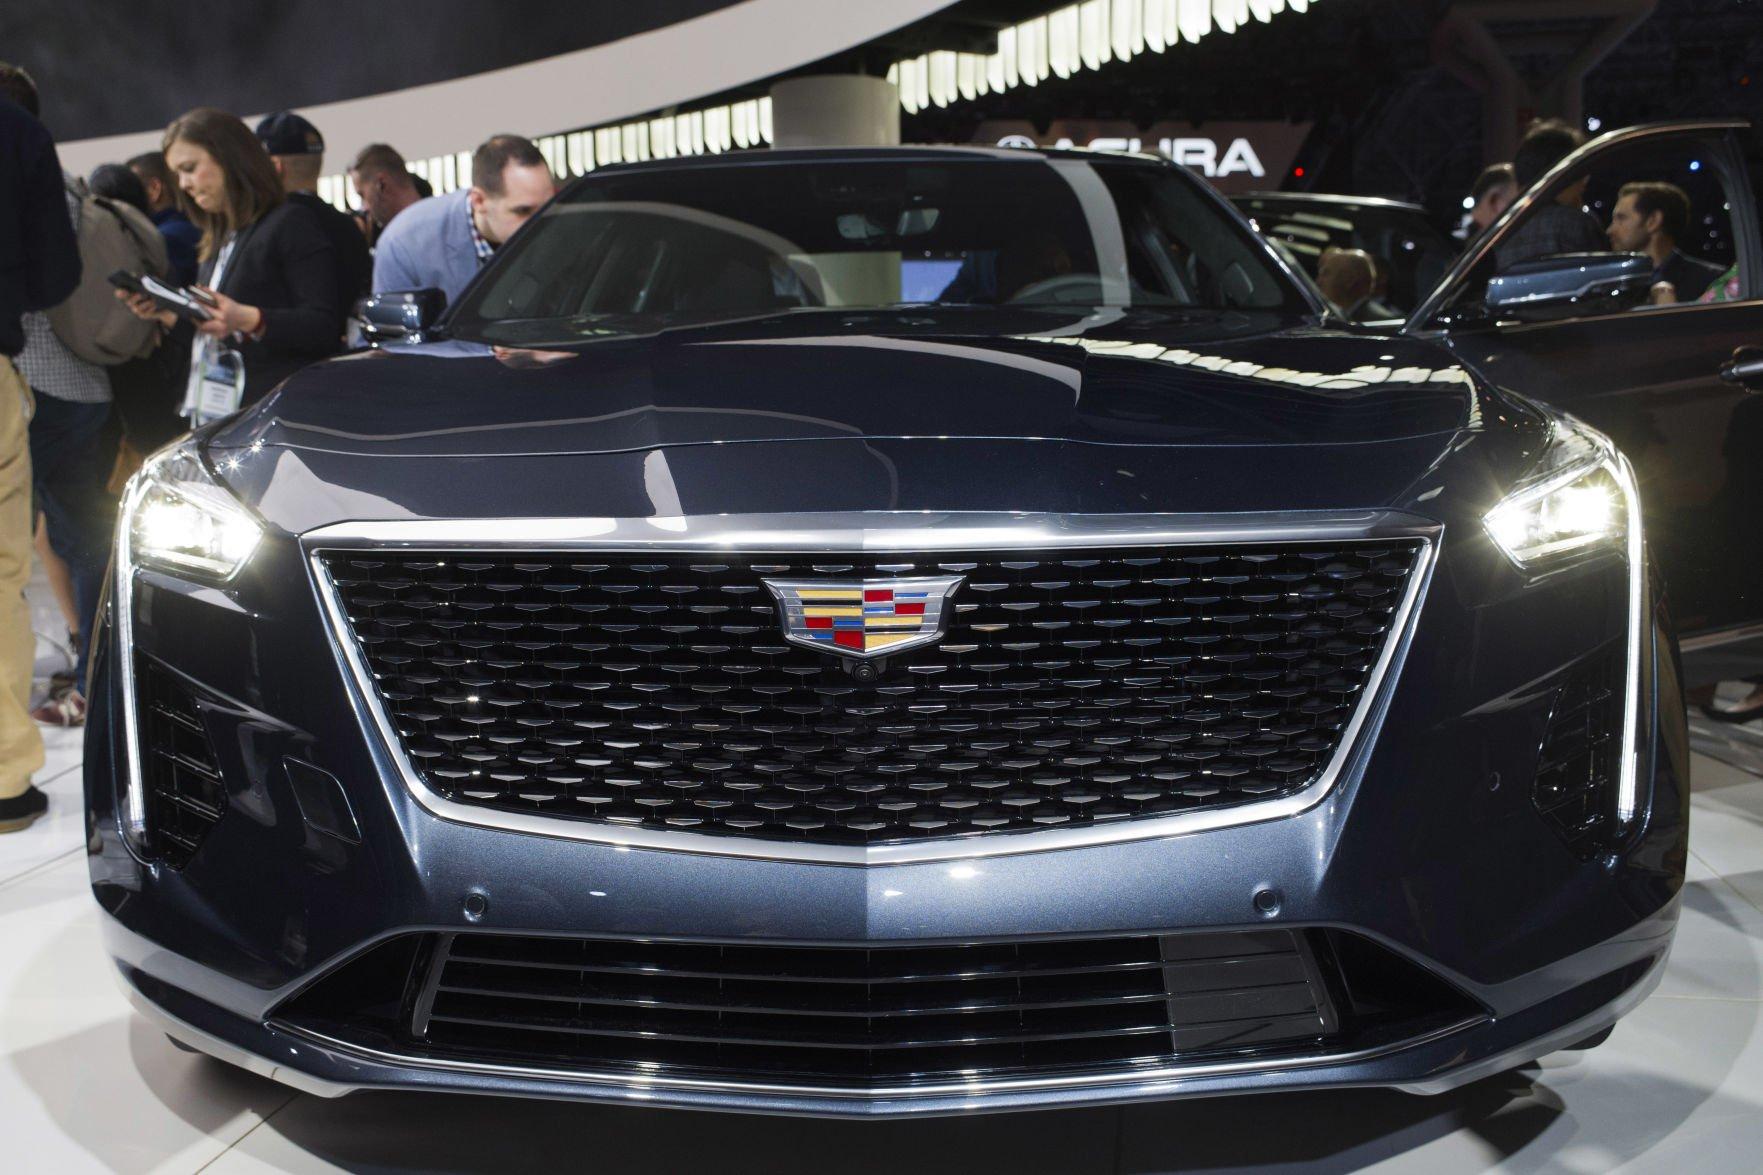 photos the new york international auto show autos trib com rh trib com